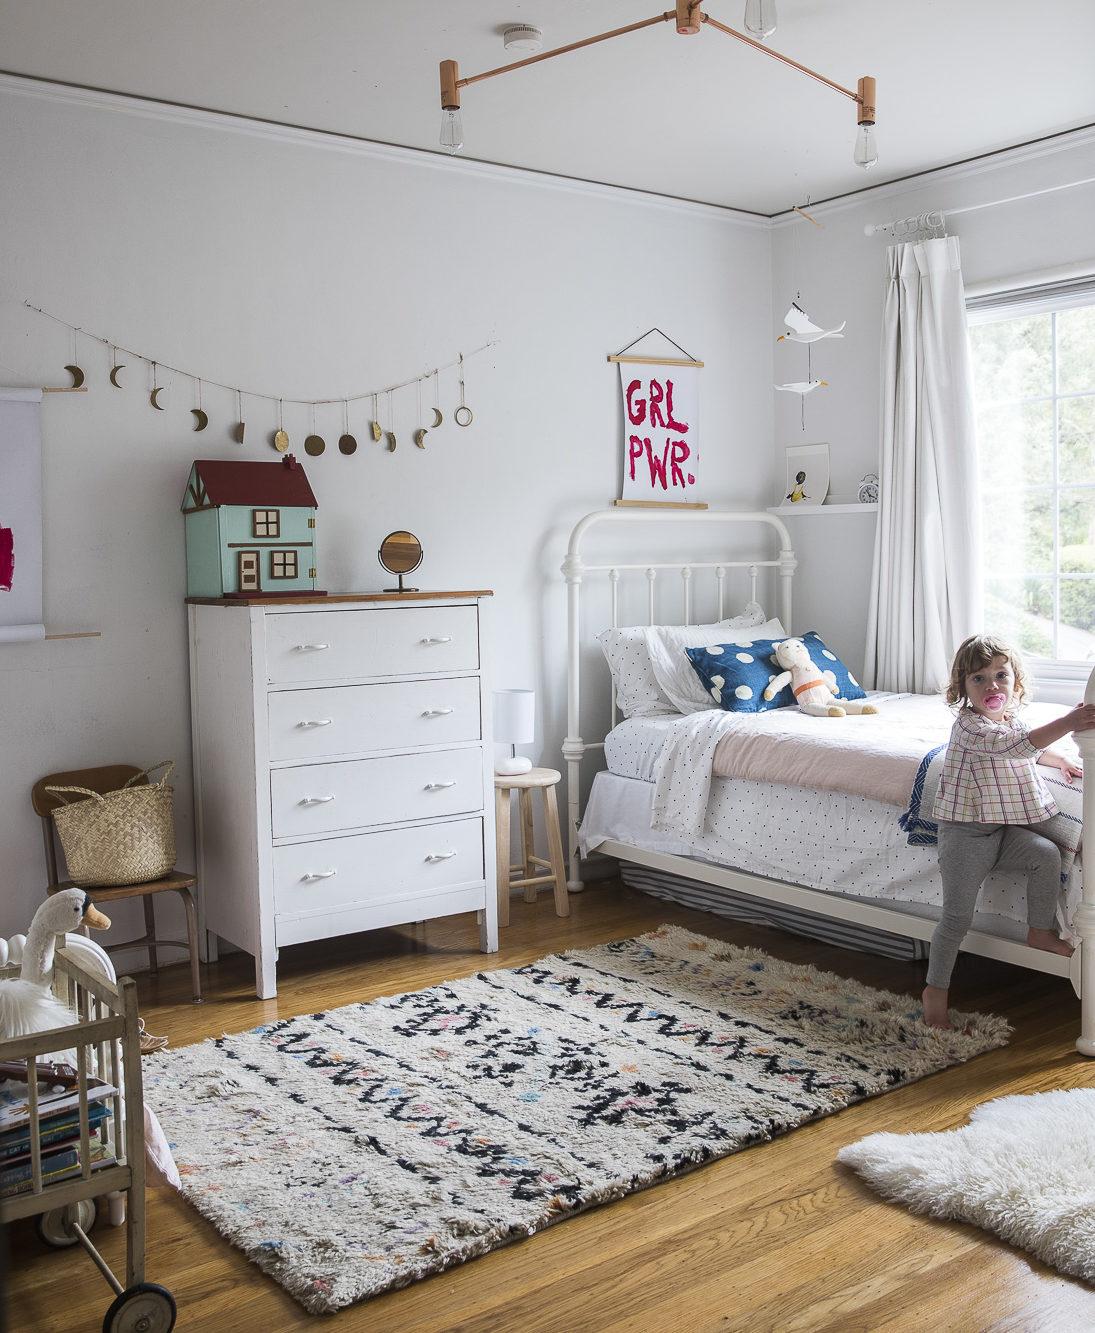 DIY Refinishing Hardwood Floors: Girls